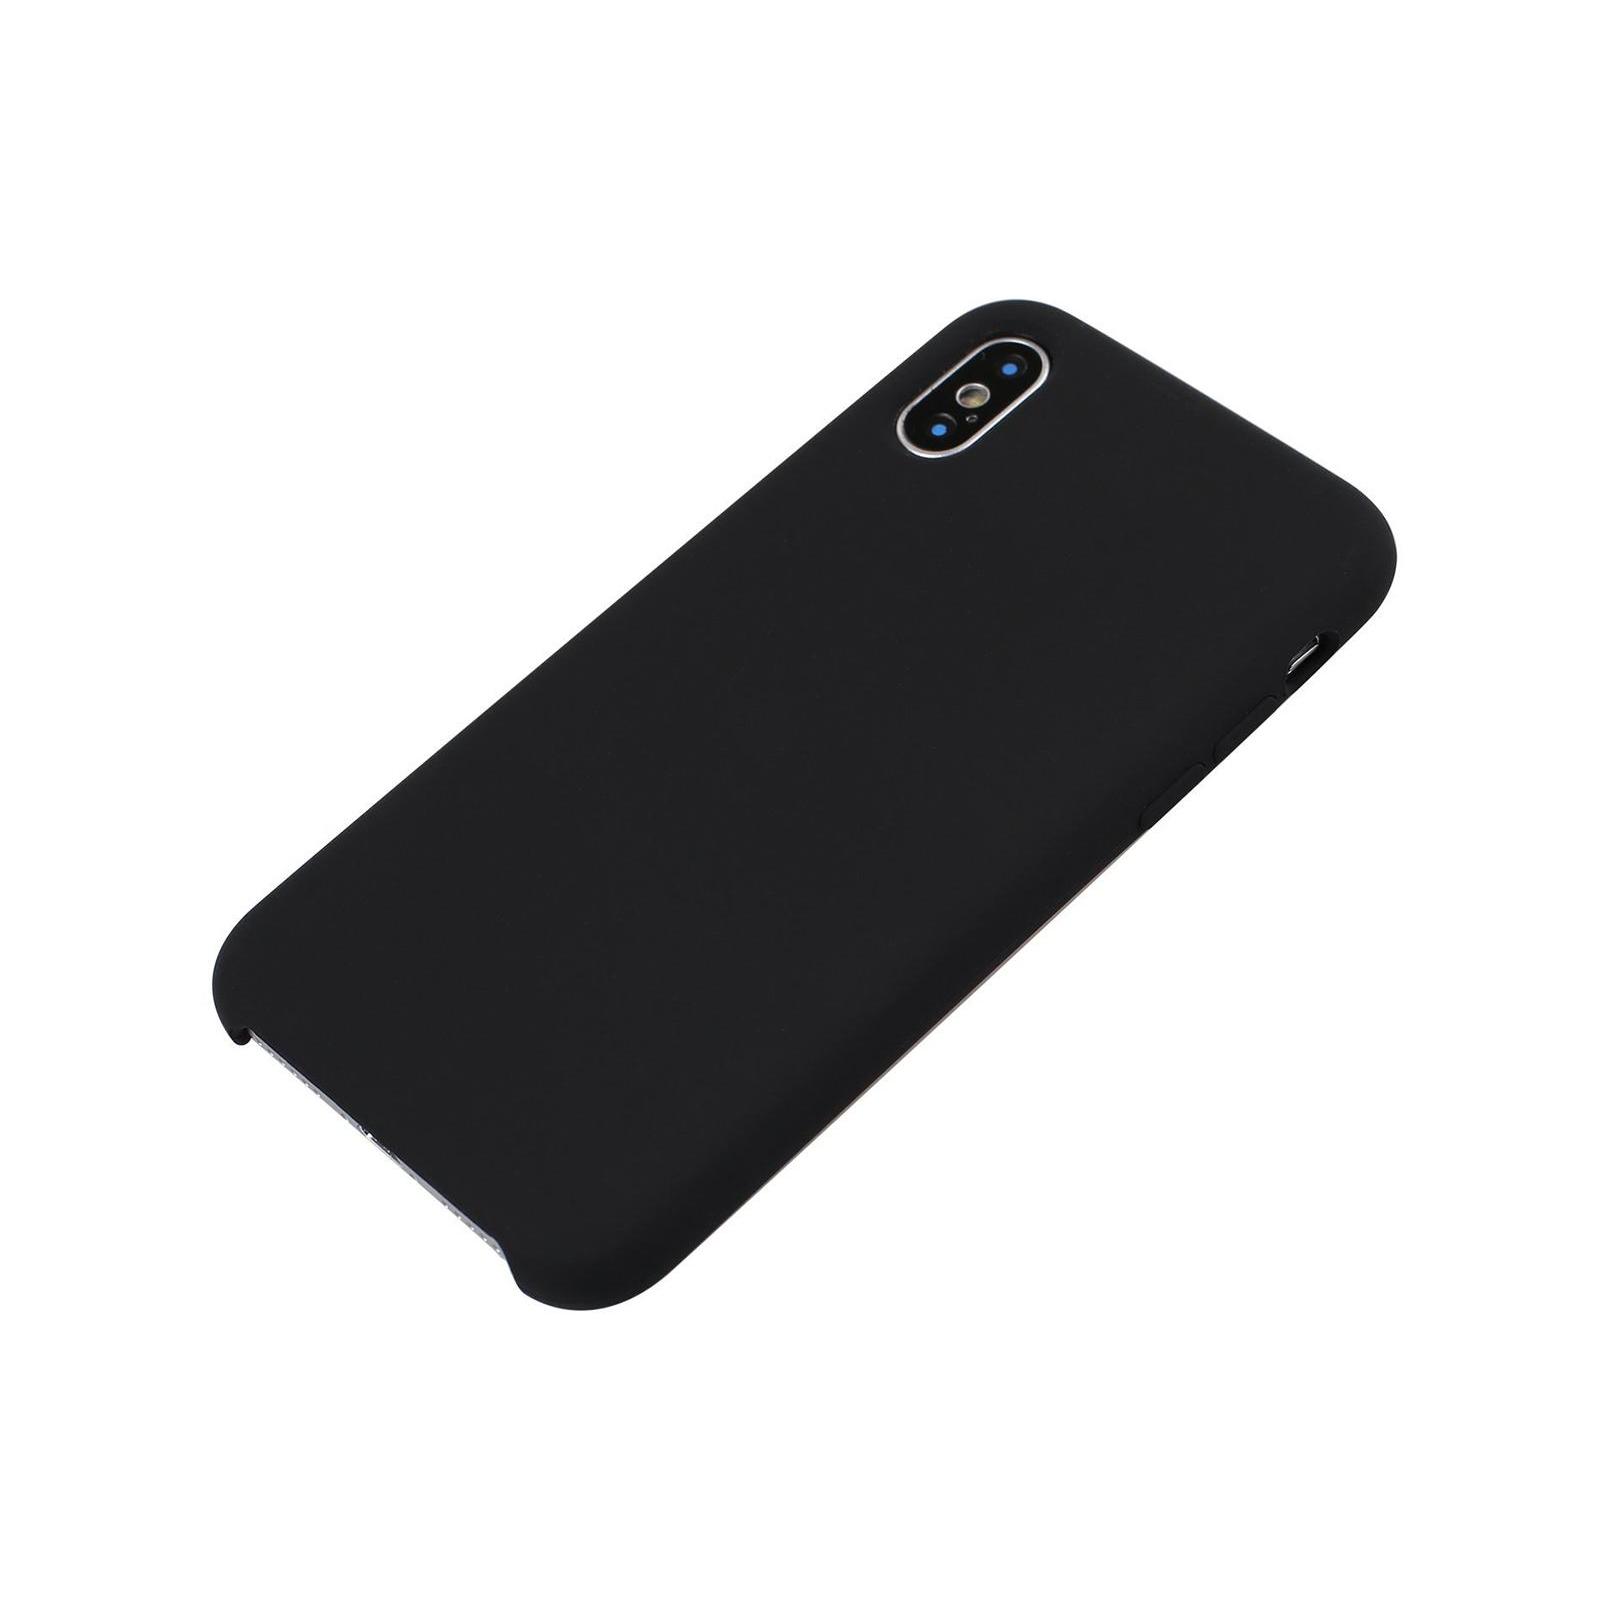 Чехол для моб. телефона Laudtec для iPhone X/XS liquid case (black) (LT-IXLC) изображение 10